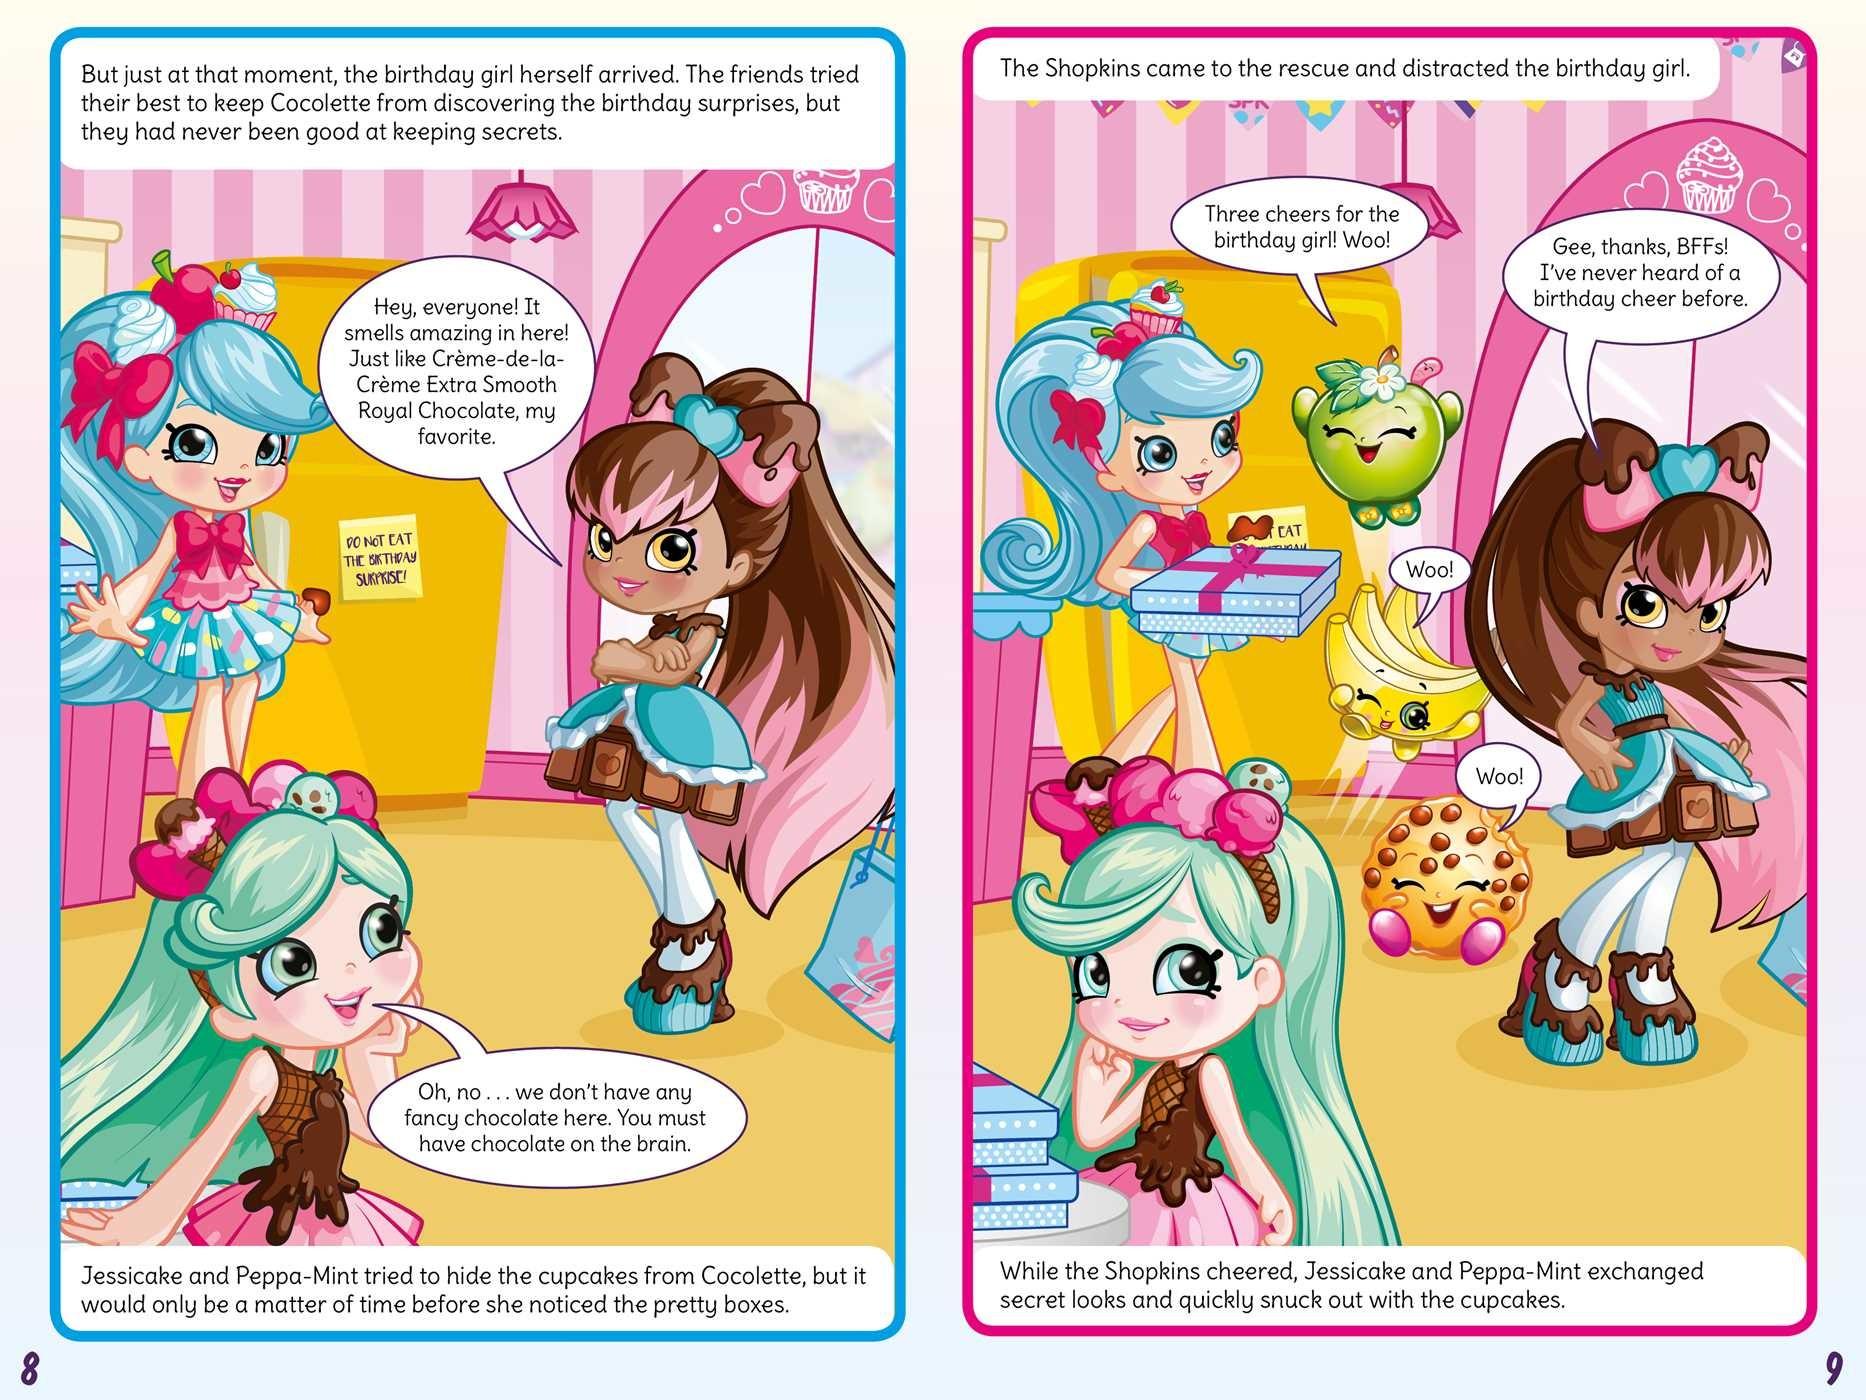 Shoppies cupcake culprit comic mystery 9781499807820.in02